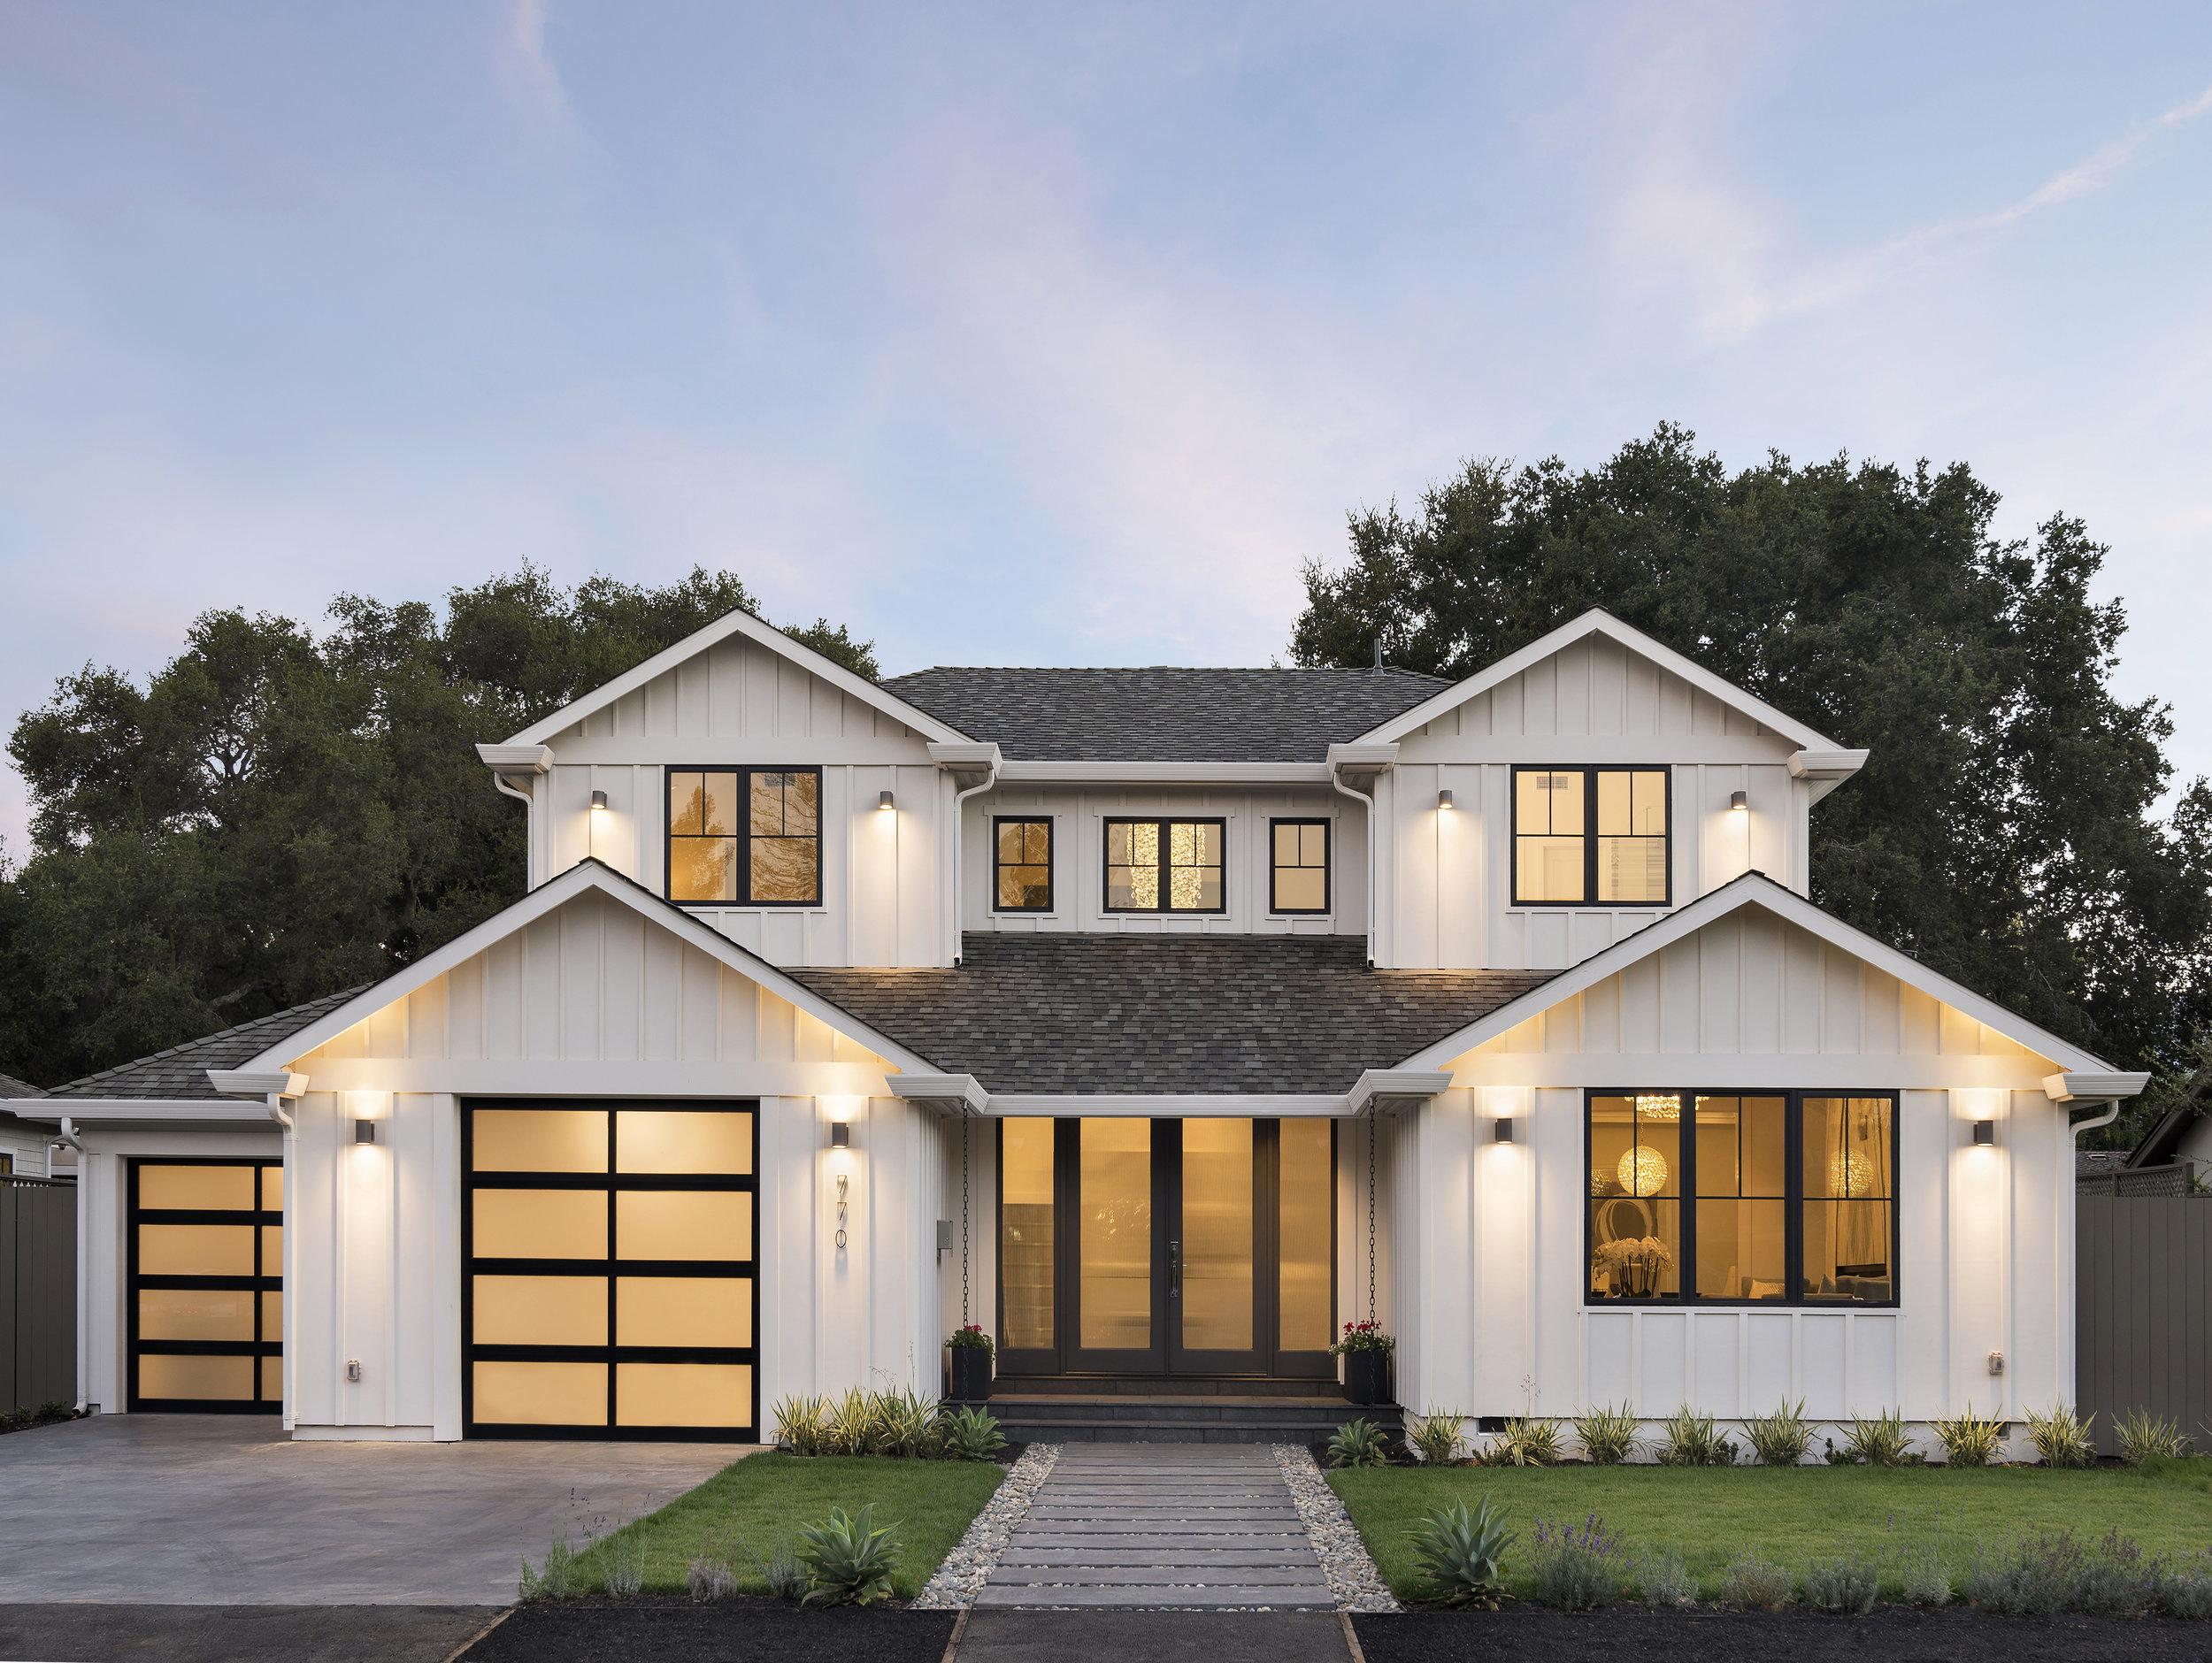 $5,150,000 | 770 University Ave., Los Altos